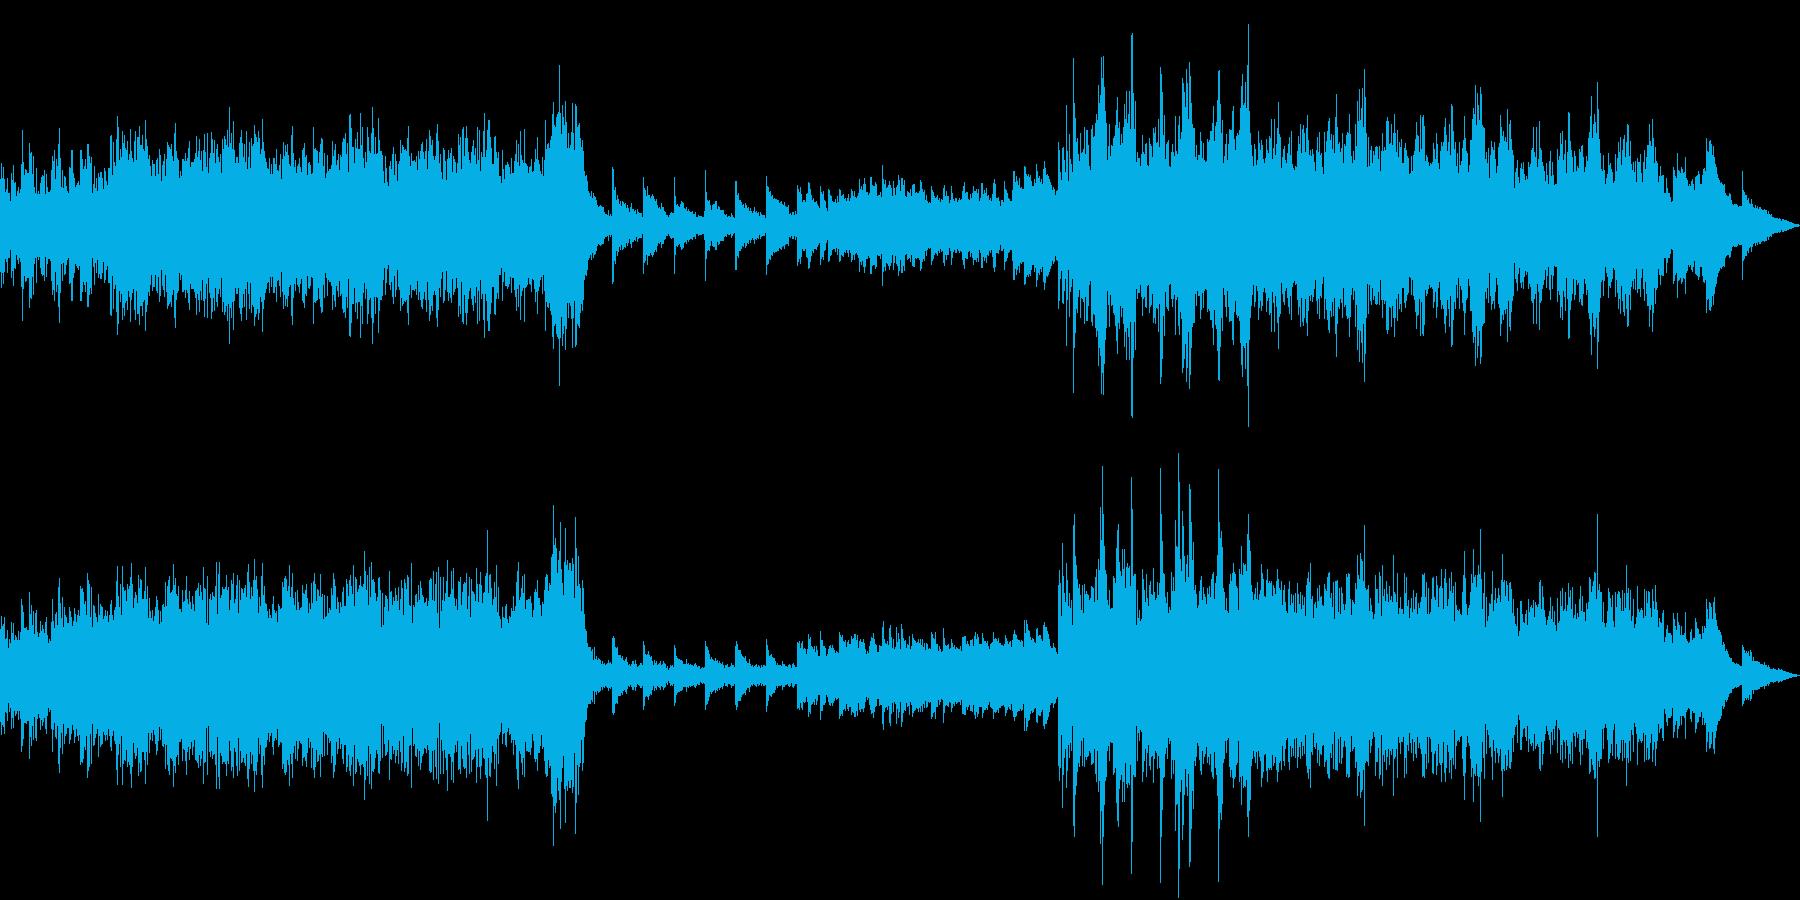 嵐をイメージした曲、ゲーム等のOPにの再生済みの波形